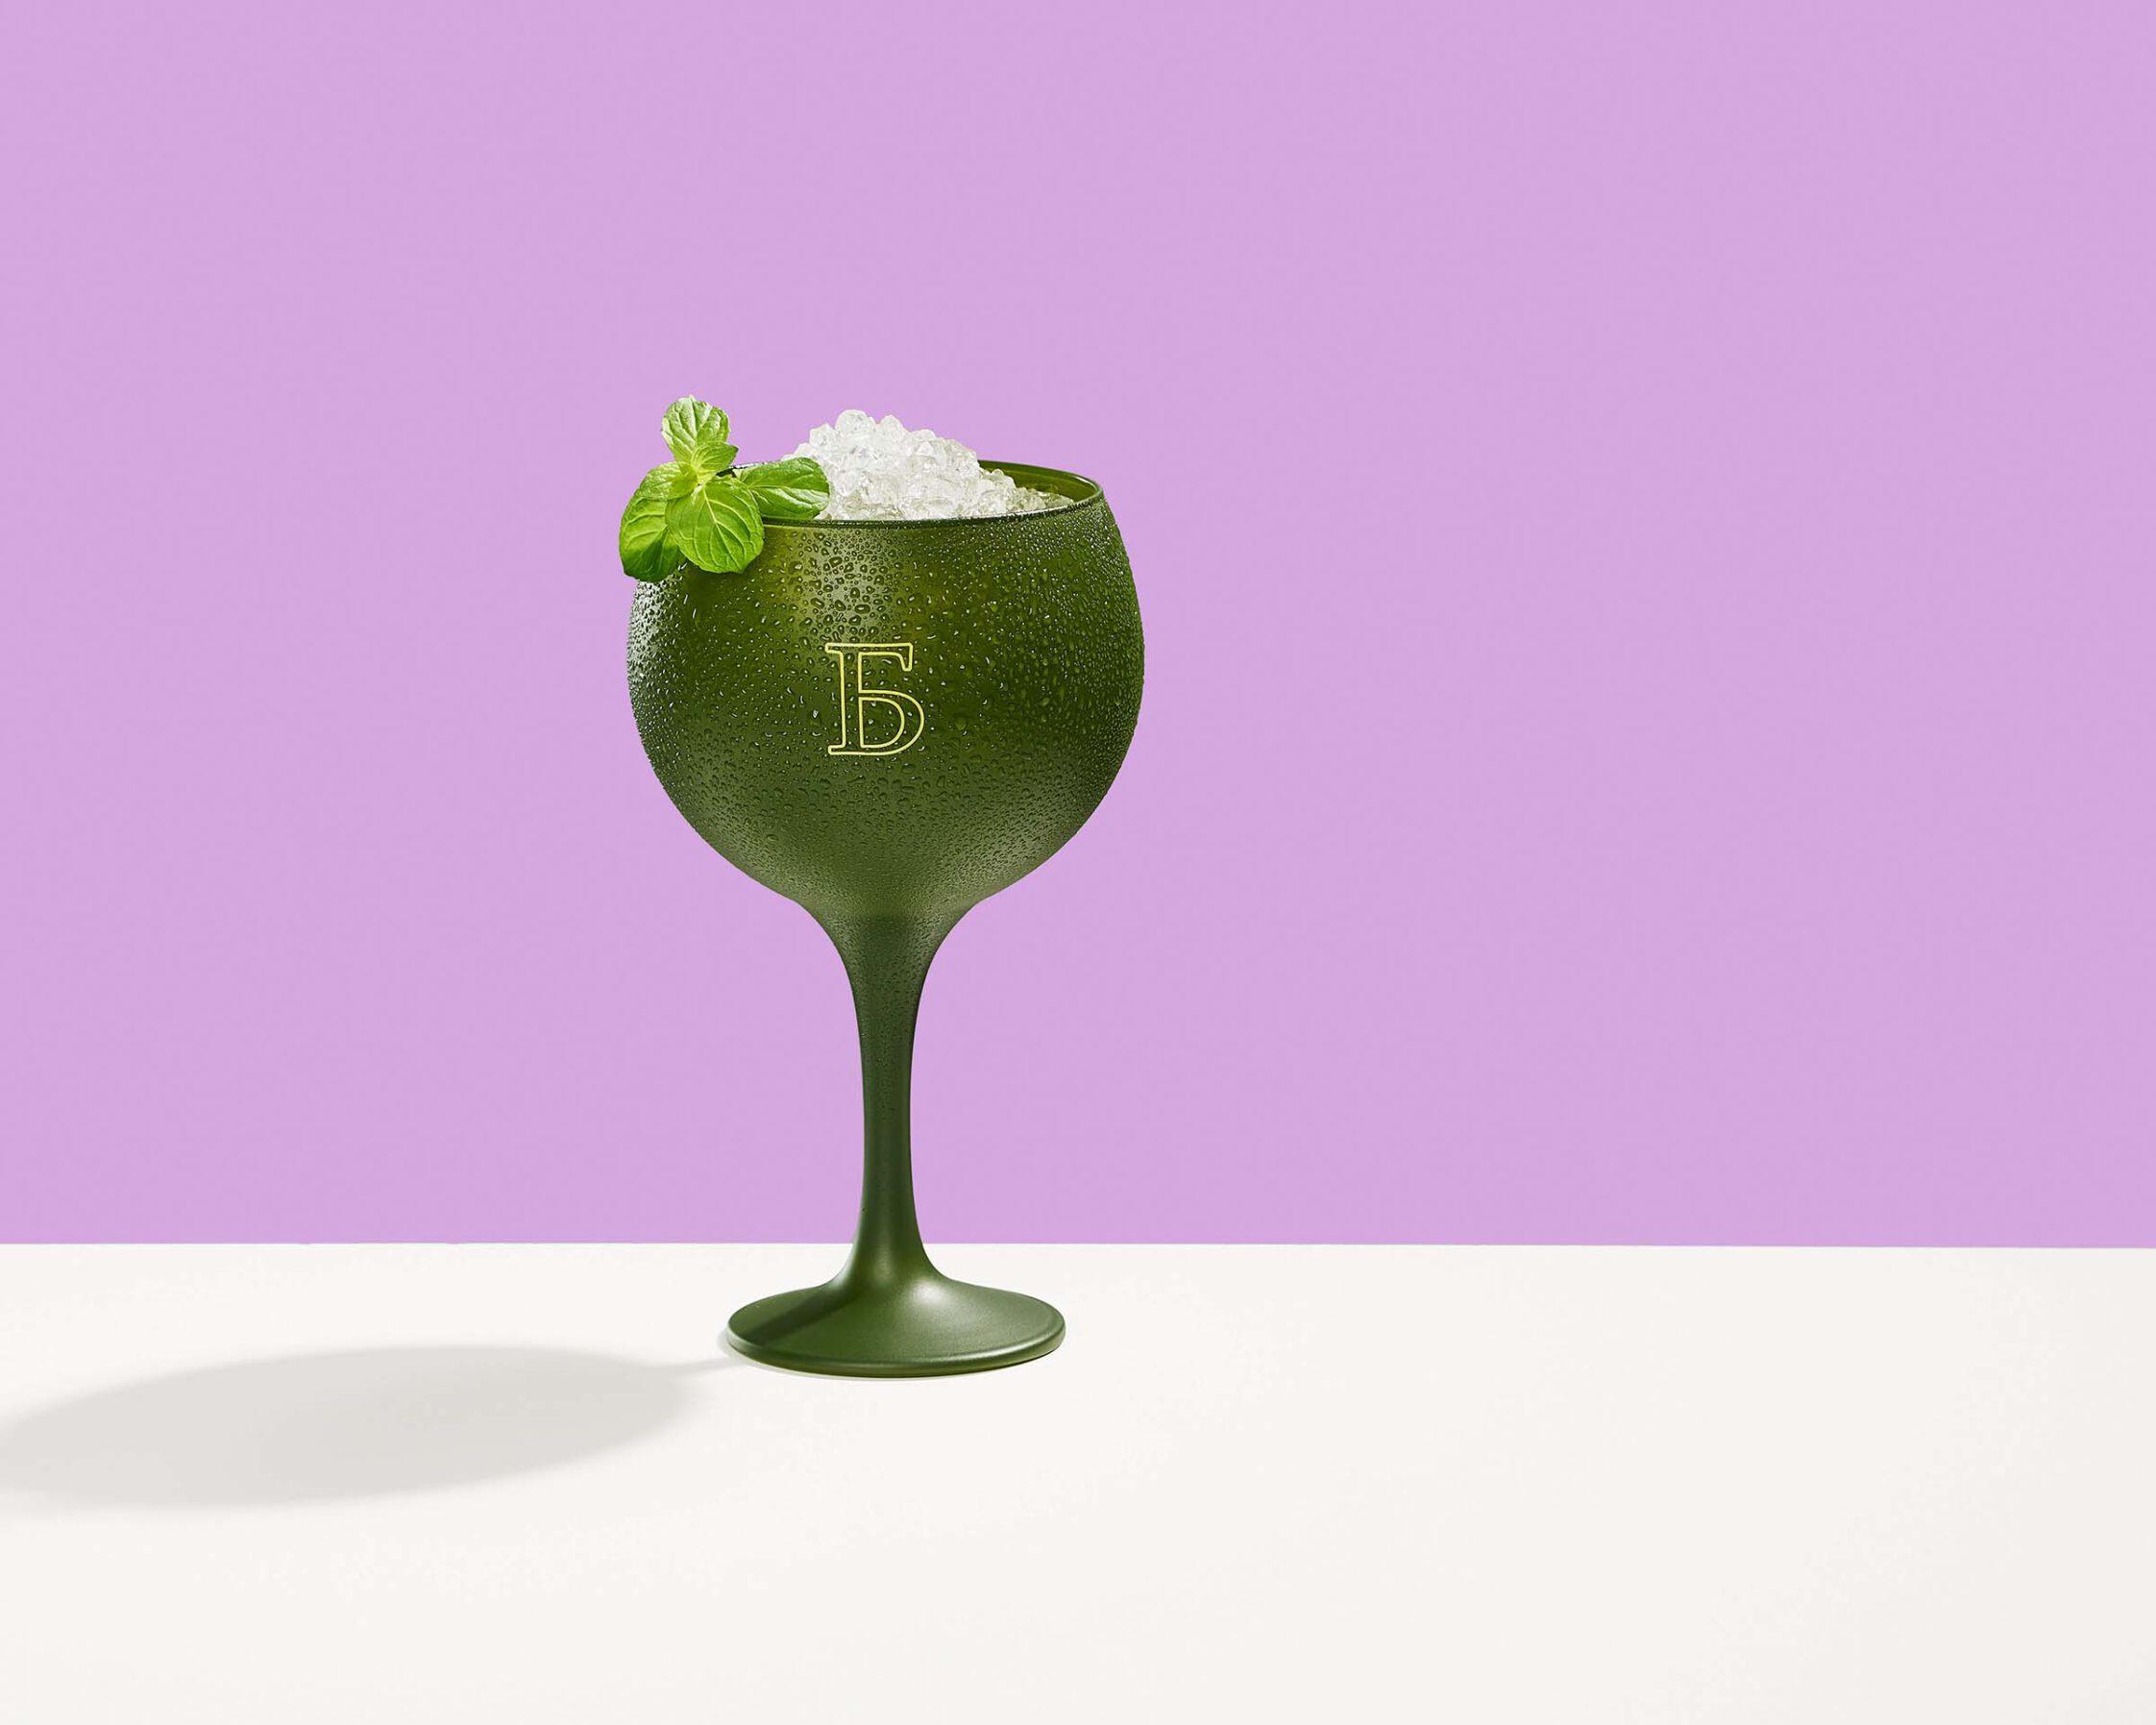 Getränk im Glas mit eis und Tautropfen